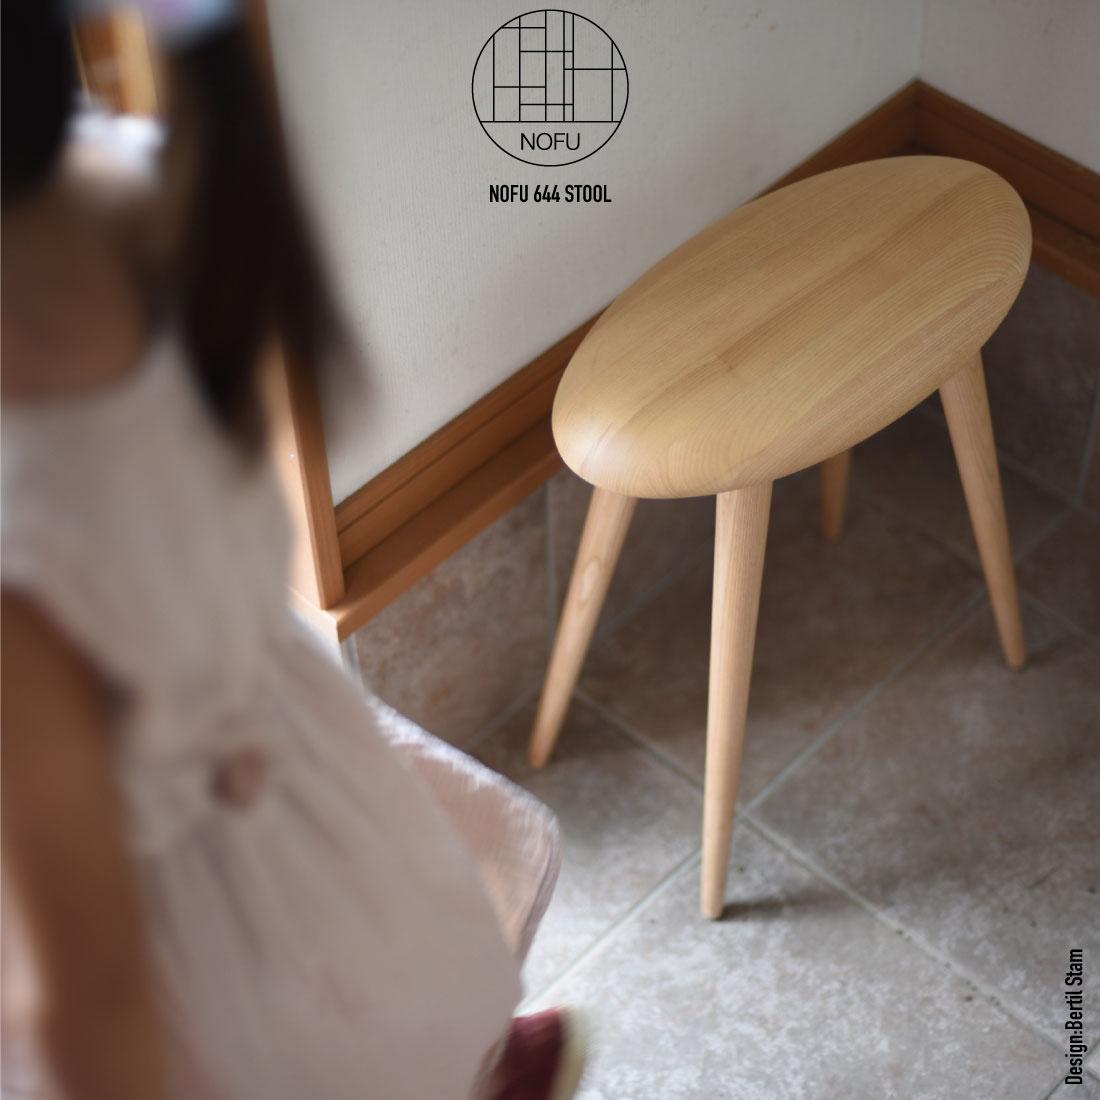 NOFU ノフ NOFU 644 STOOL ノフ 644 スツール椅子 イス チェア サイドテーブル ギフト デンマーク バーティルスタム 北欧